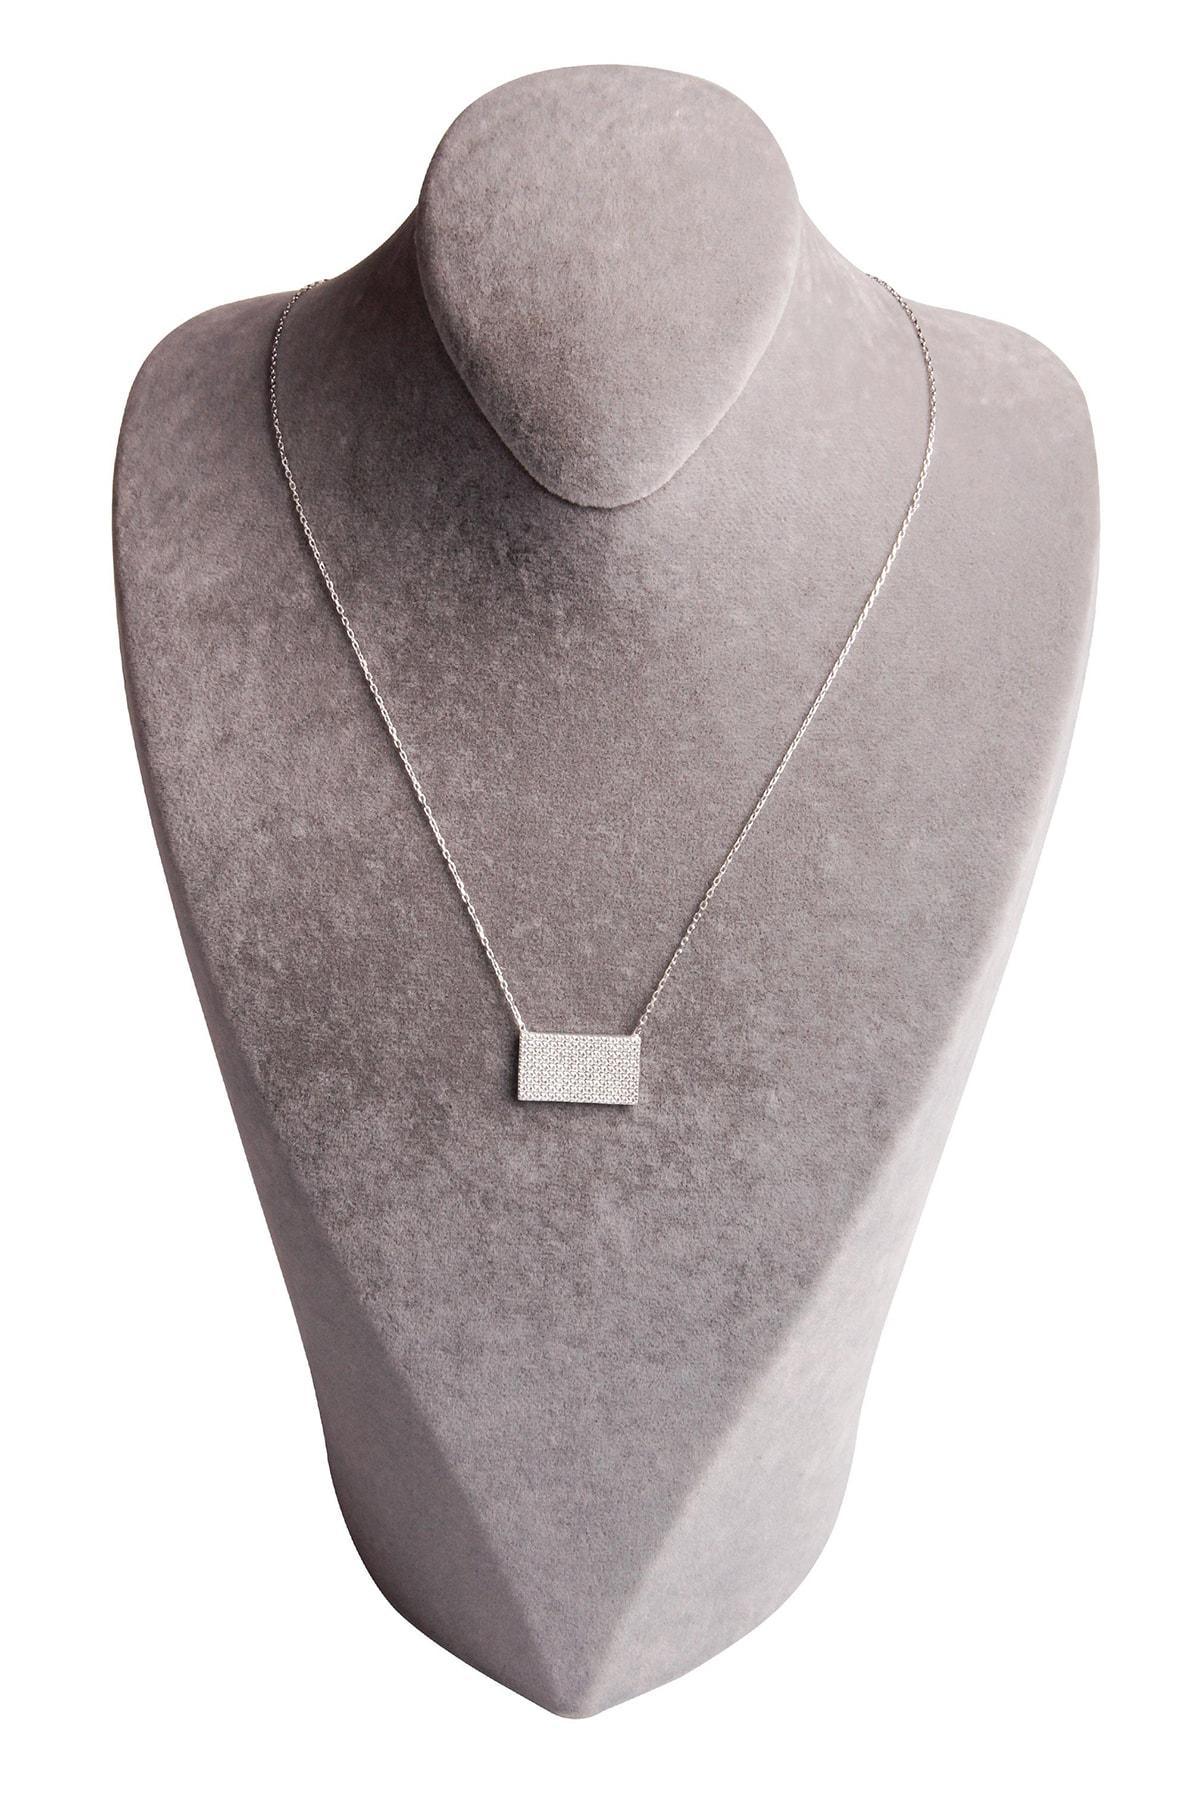 Sahra Zirkon Süslemeli Tasarım 925 Ayar Gümüş Kolye 2